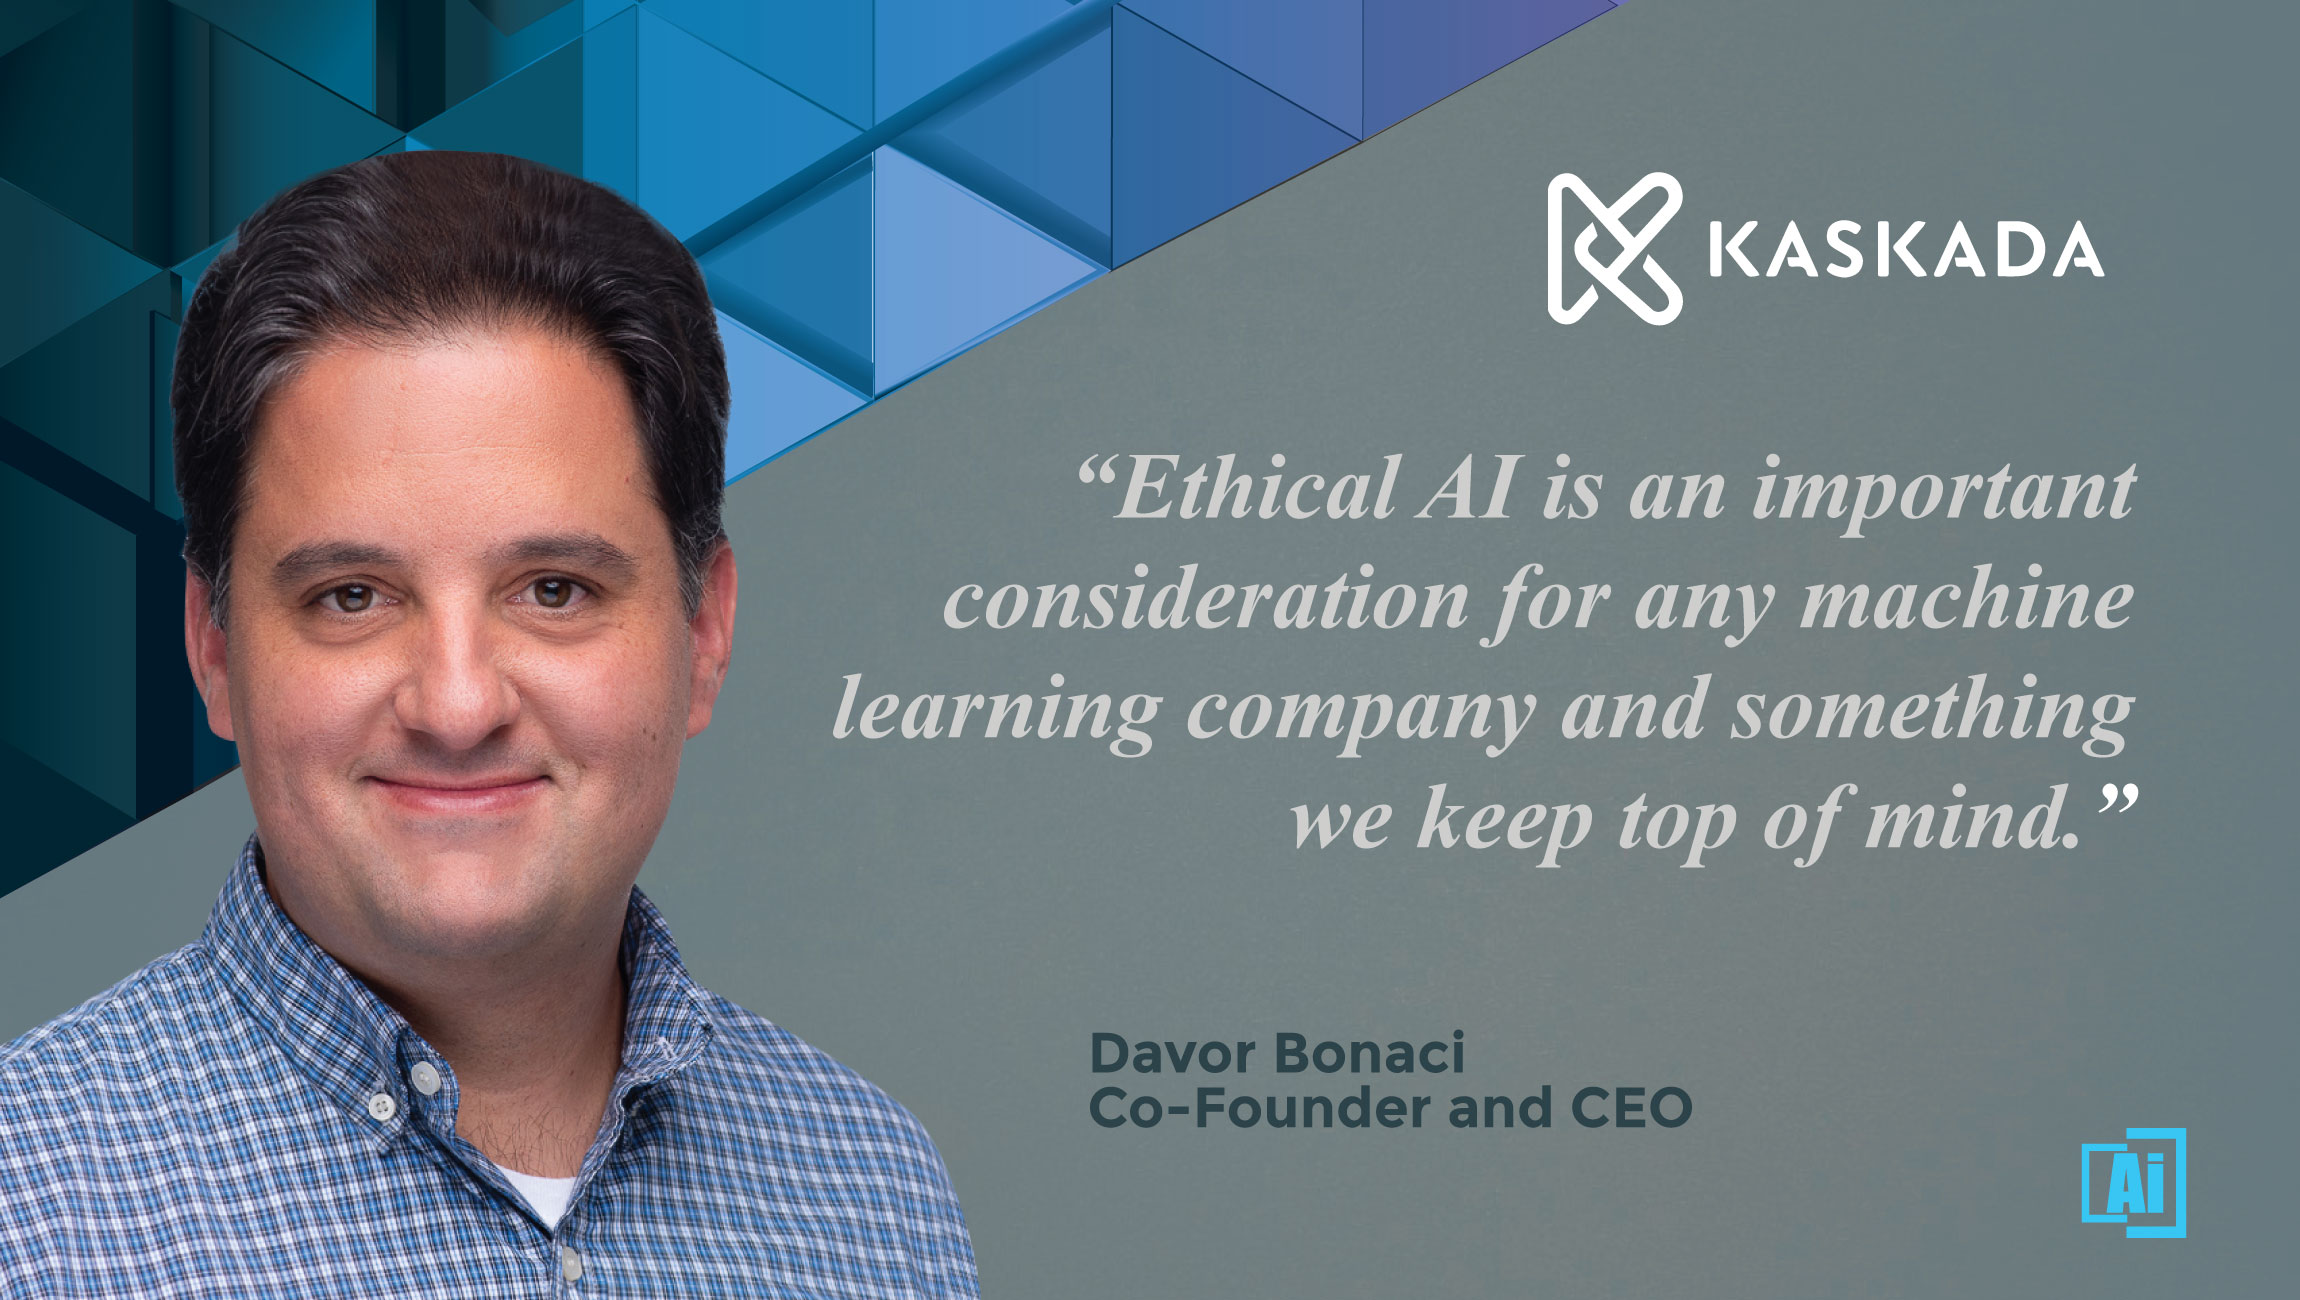 Davor Bonaci, CEO at Kaskada quotes